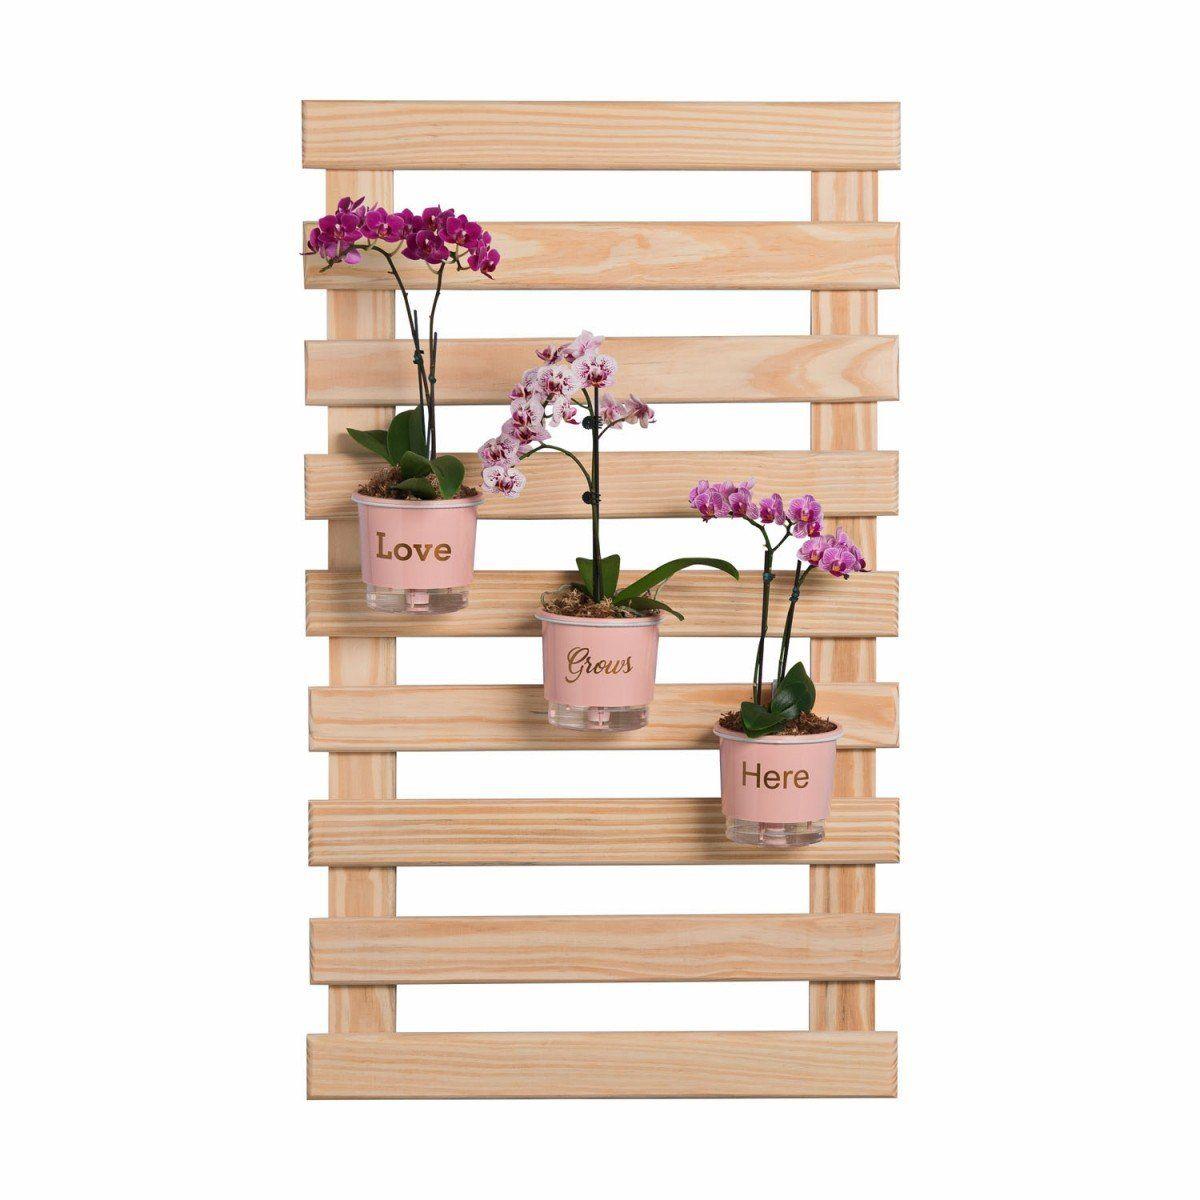 Treliça de madeira 100cm x 60cm para jardim vertical